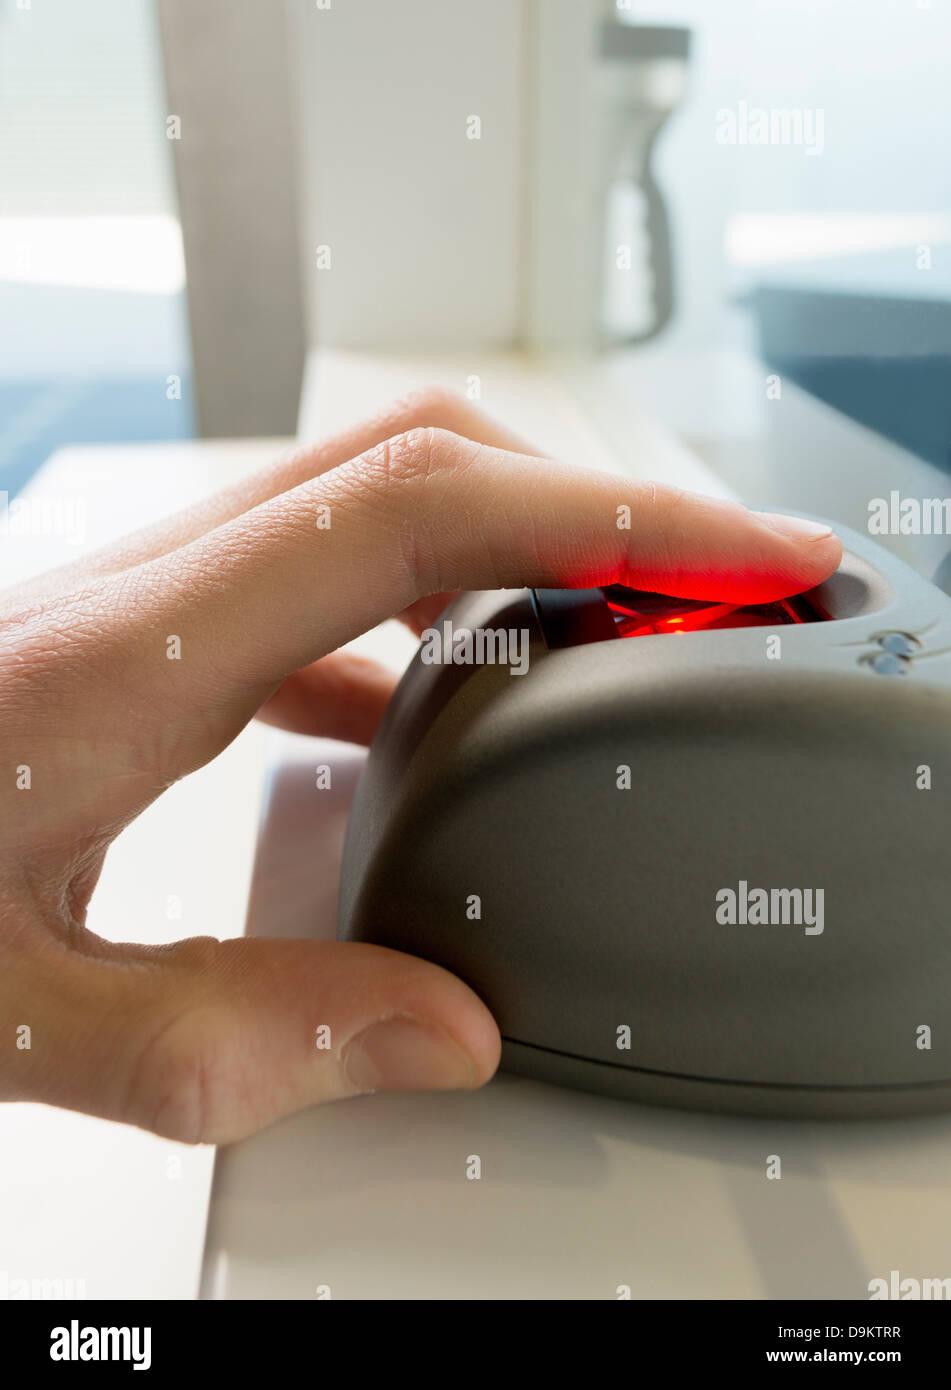 Con la mano en el dispositivo de reconocimiento de huellas dactilares Imagen De Stock